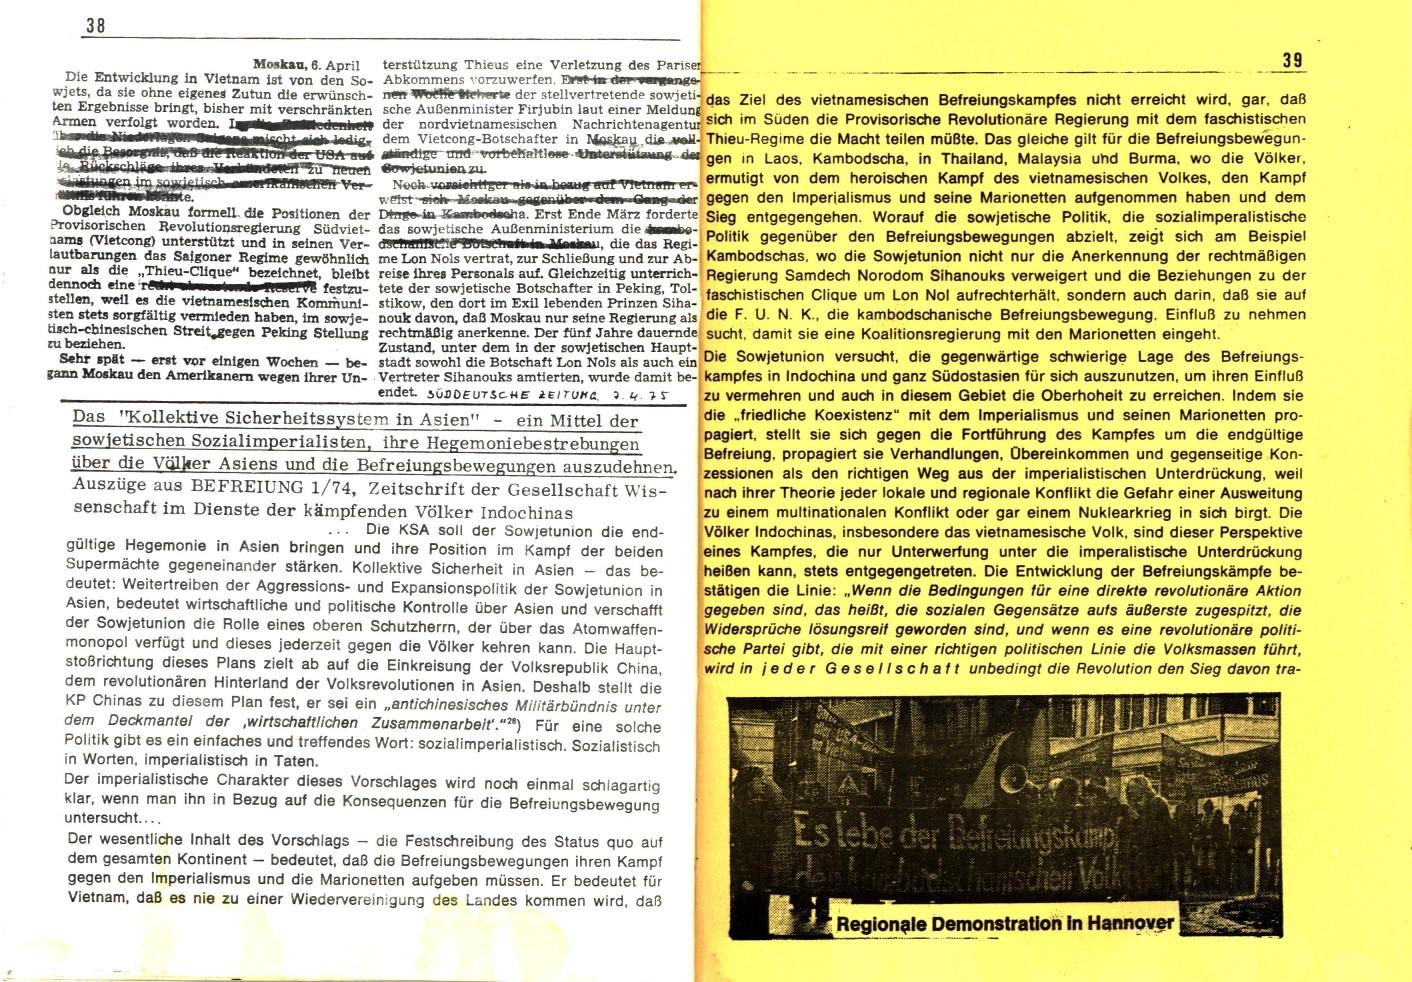 Nds_KSV_1975_Suedvietnam_20